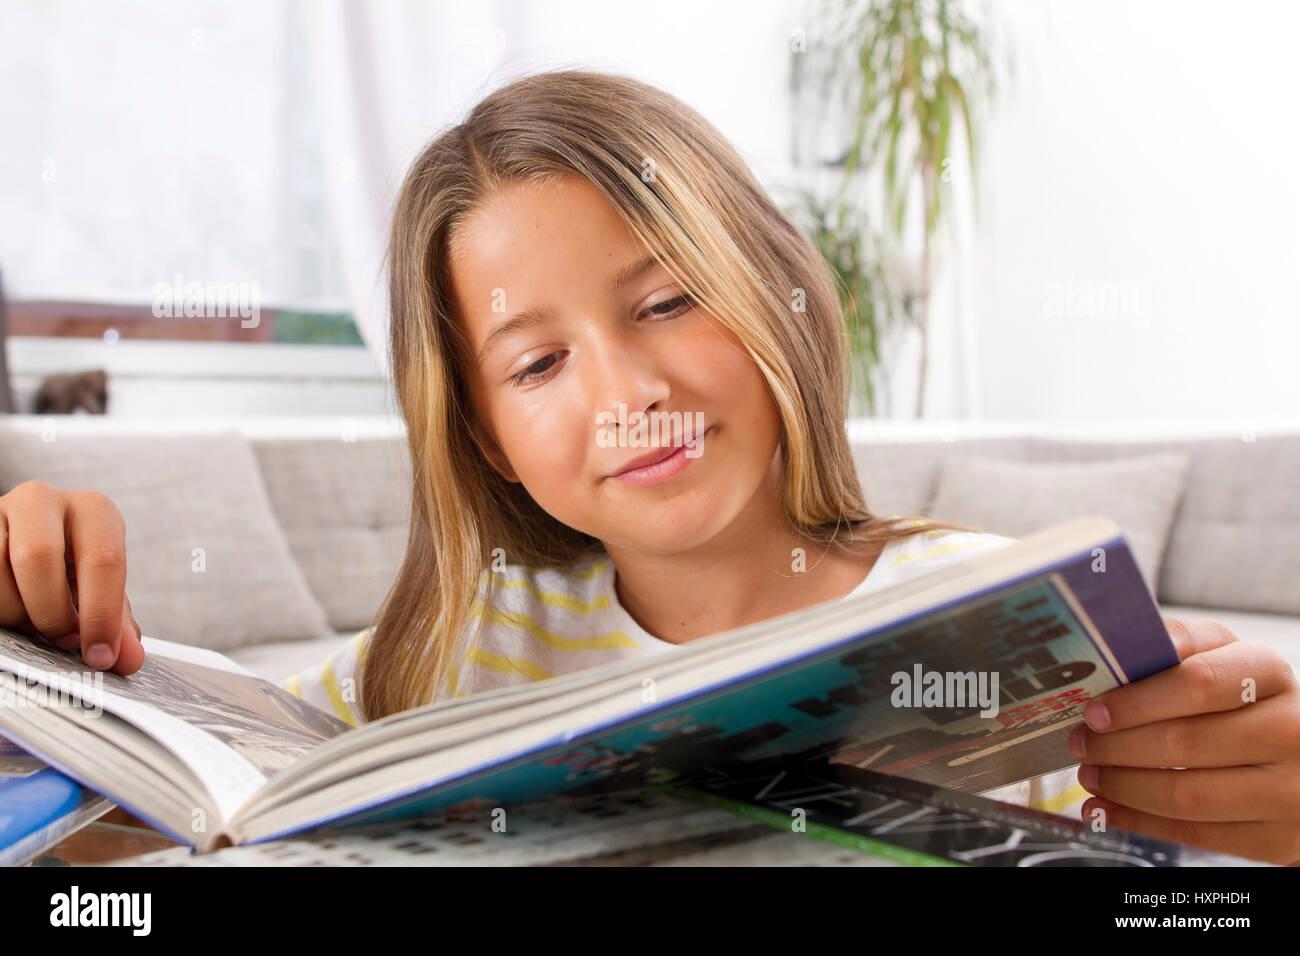 Primäre Schüler liest, Grundschülerin liegst Stockbild